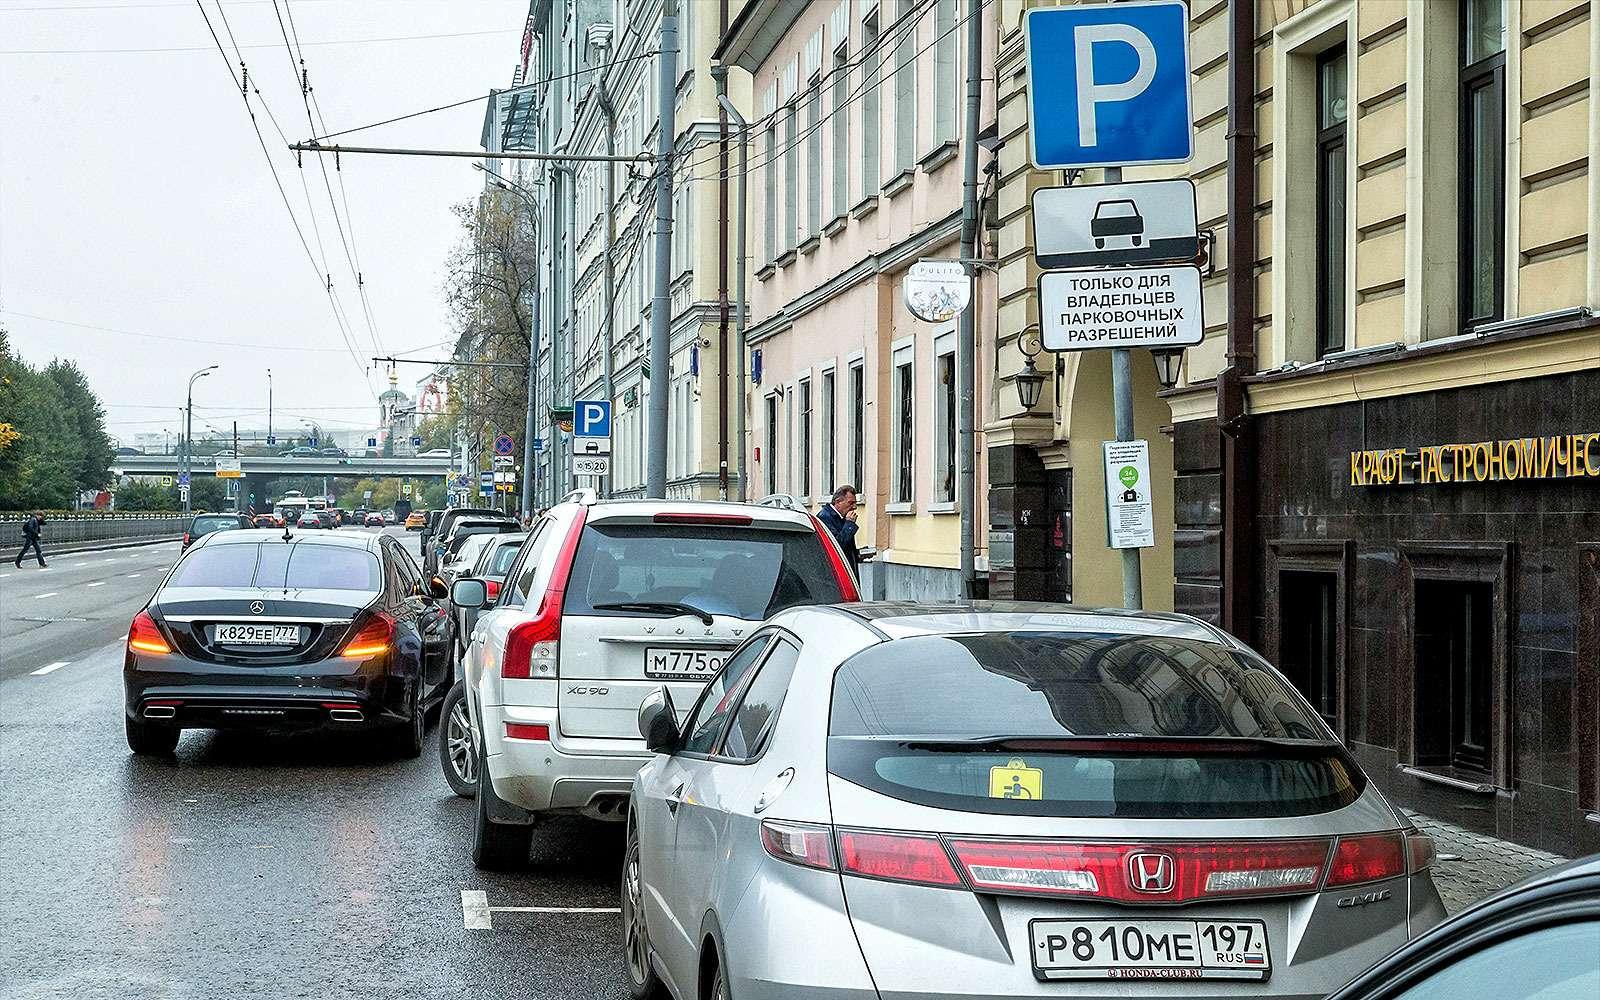 паркинг только длявладельцев резидентных разрешений